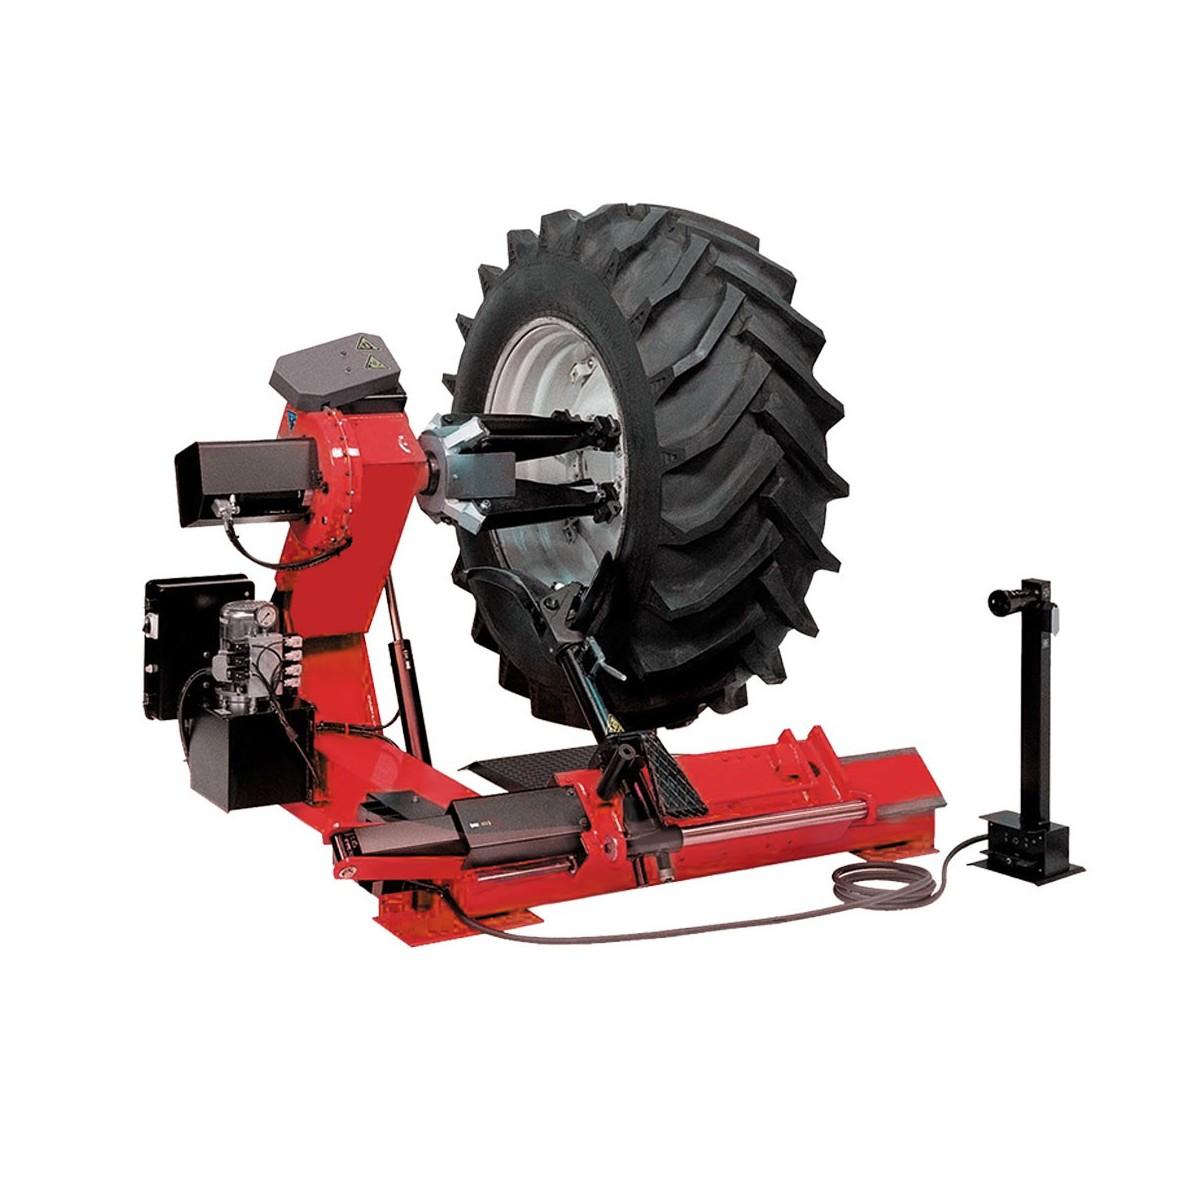 шиномонтажный станок для грузовых автомобилей, диаметр дисков от 13 до 27, ширина колес до 780мм станок поставляется с маслом гидравлическим по специальной цене 30 руб. за комплект.